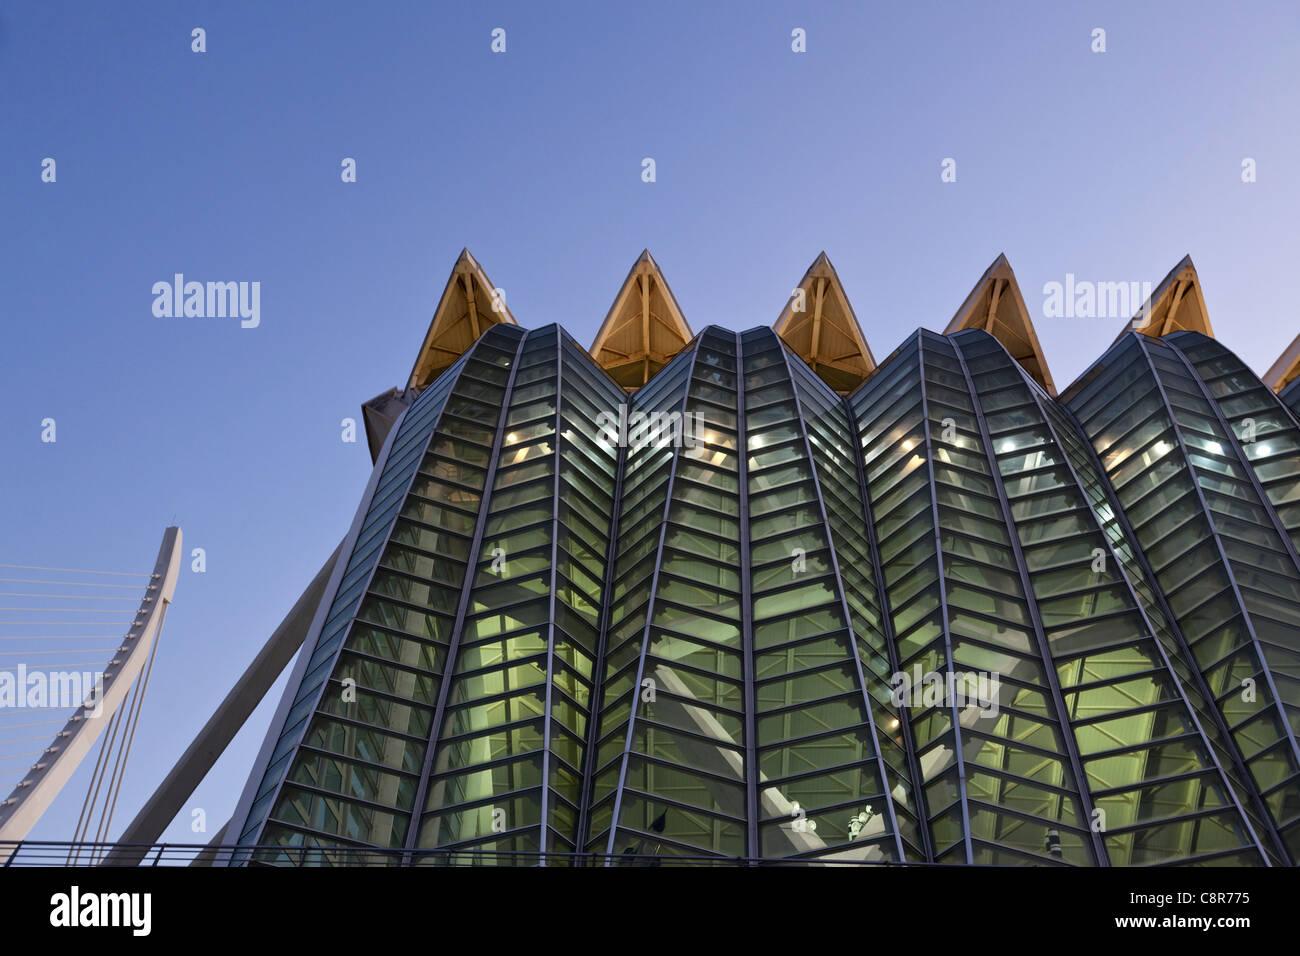 Príncipe Felipe Science Museum Città delle scienze e delle arti dell'architetto Santiago Calatrava Immagini Stock